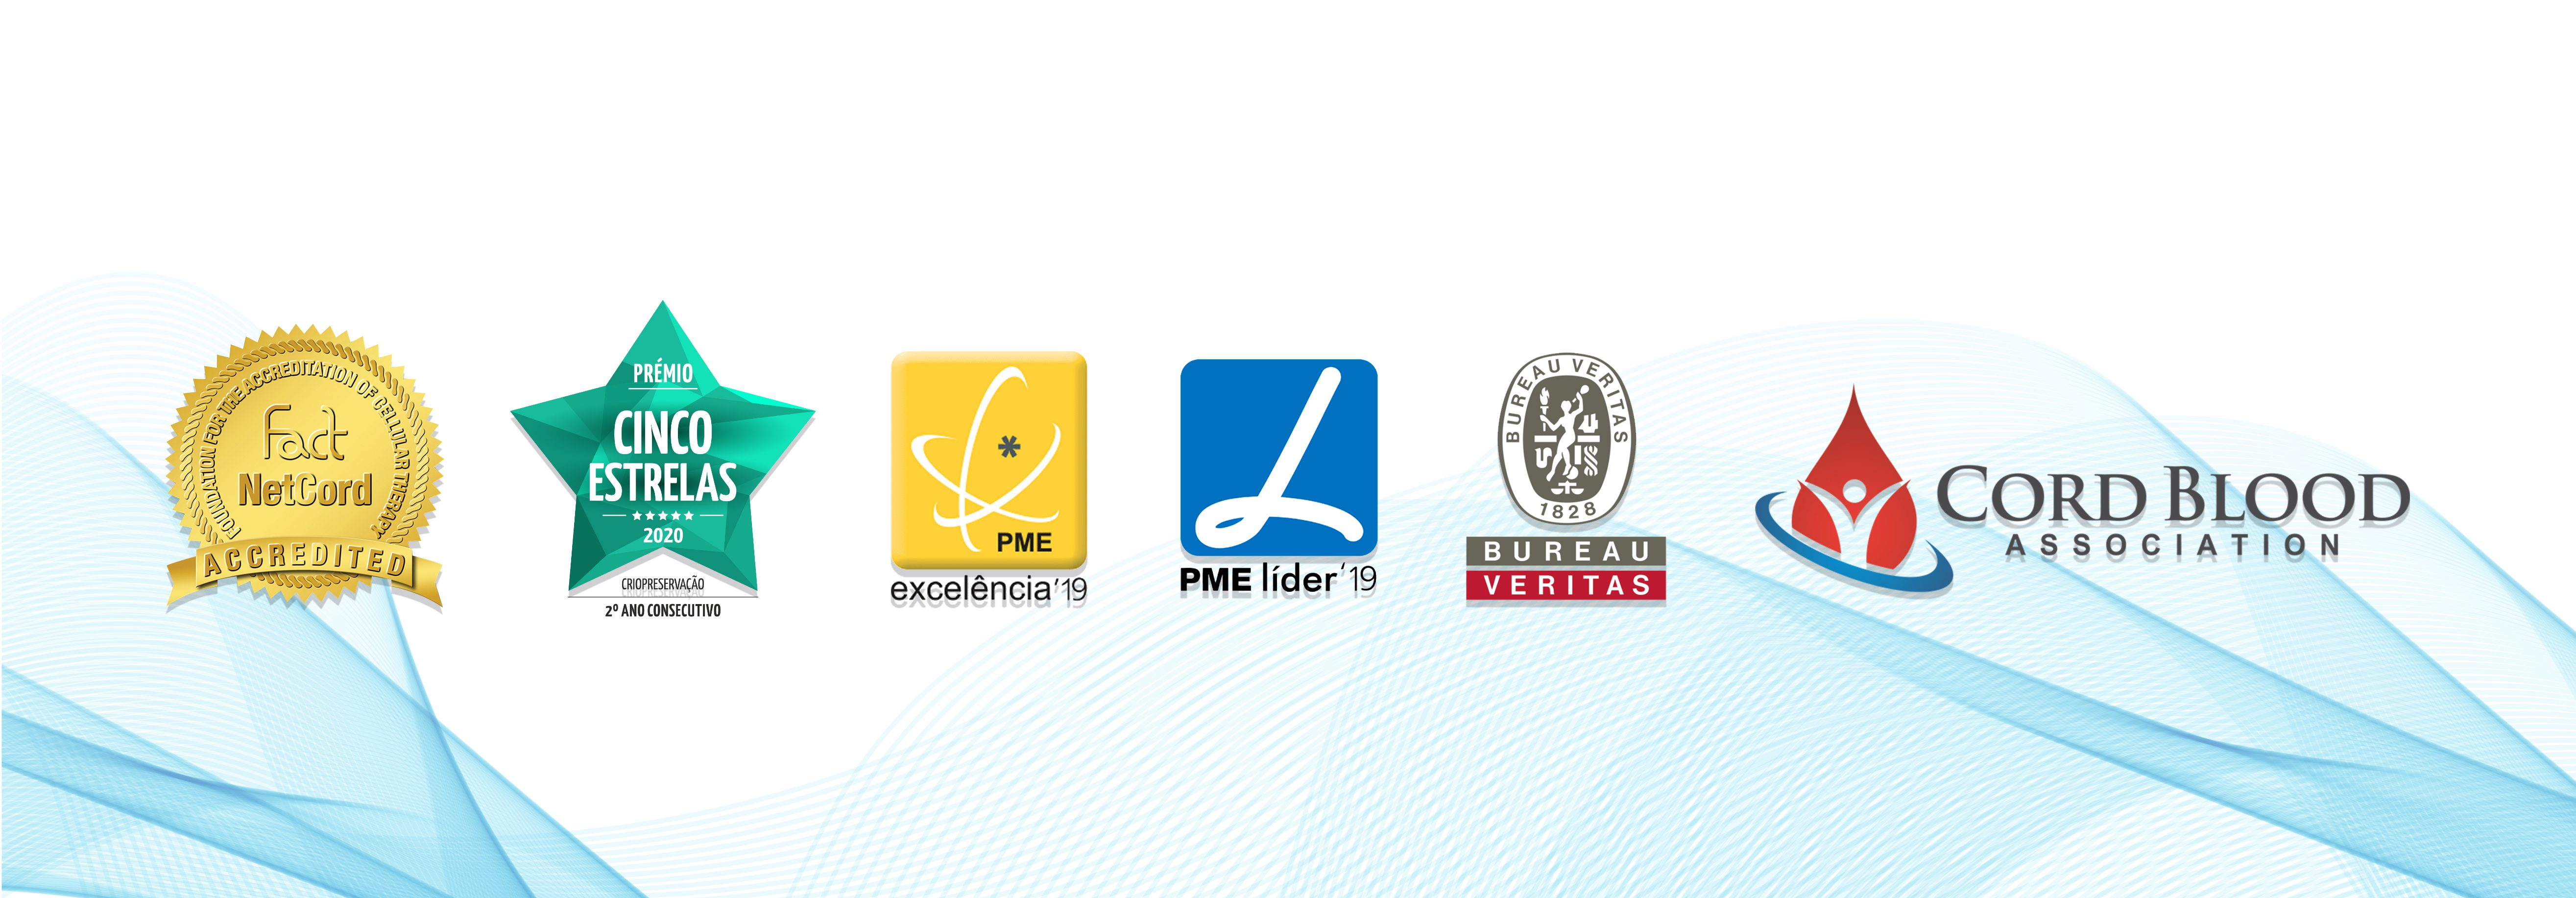 Acreditação FACT Netcord, Prémio 5 Estrelas, PME Excelência, PME Líder, Bureau Veritas, Cord Blood Association